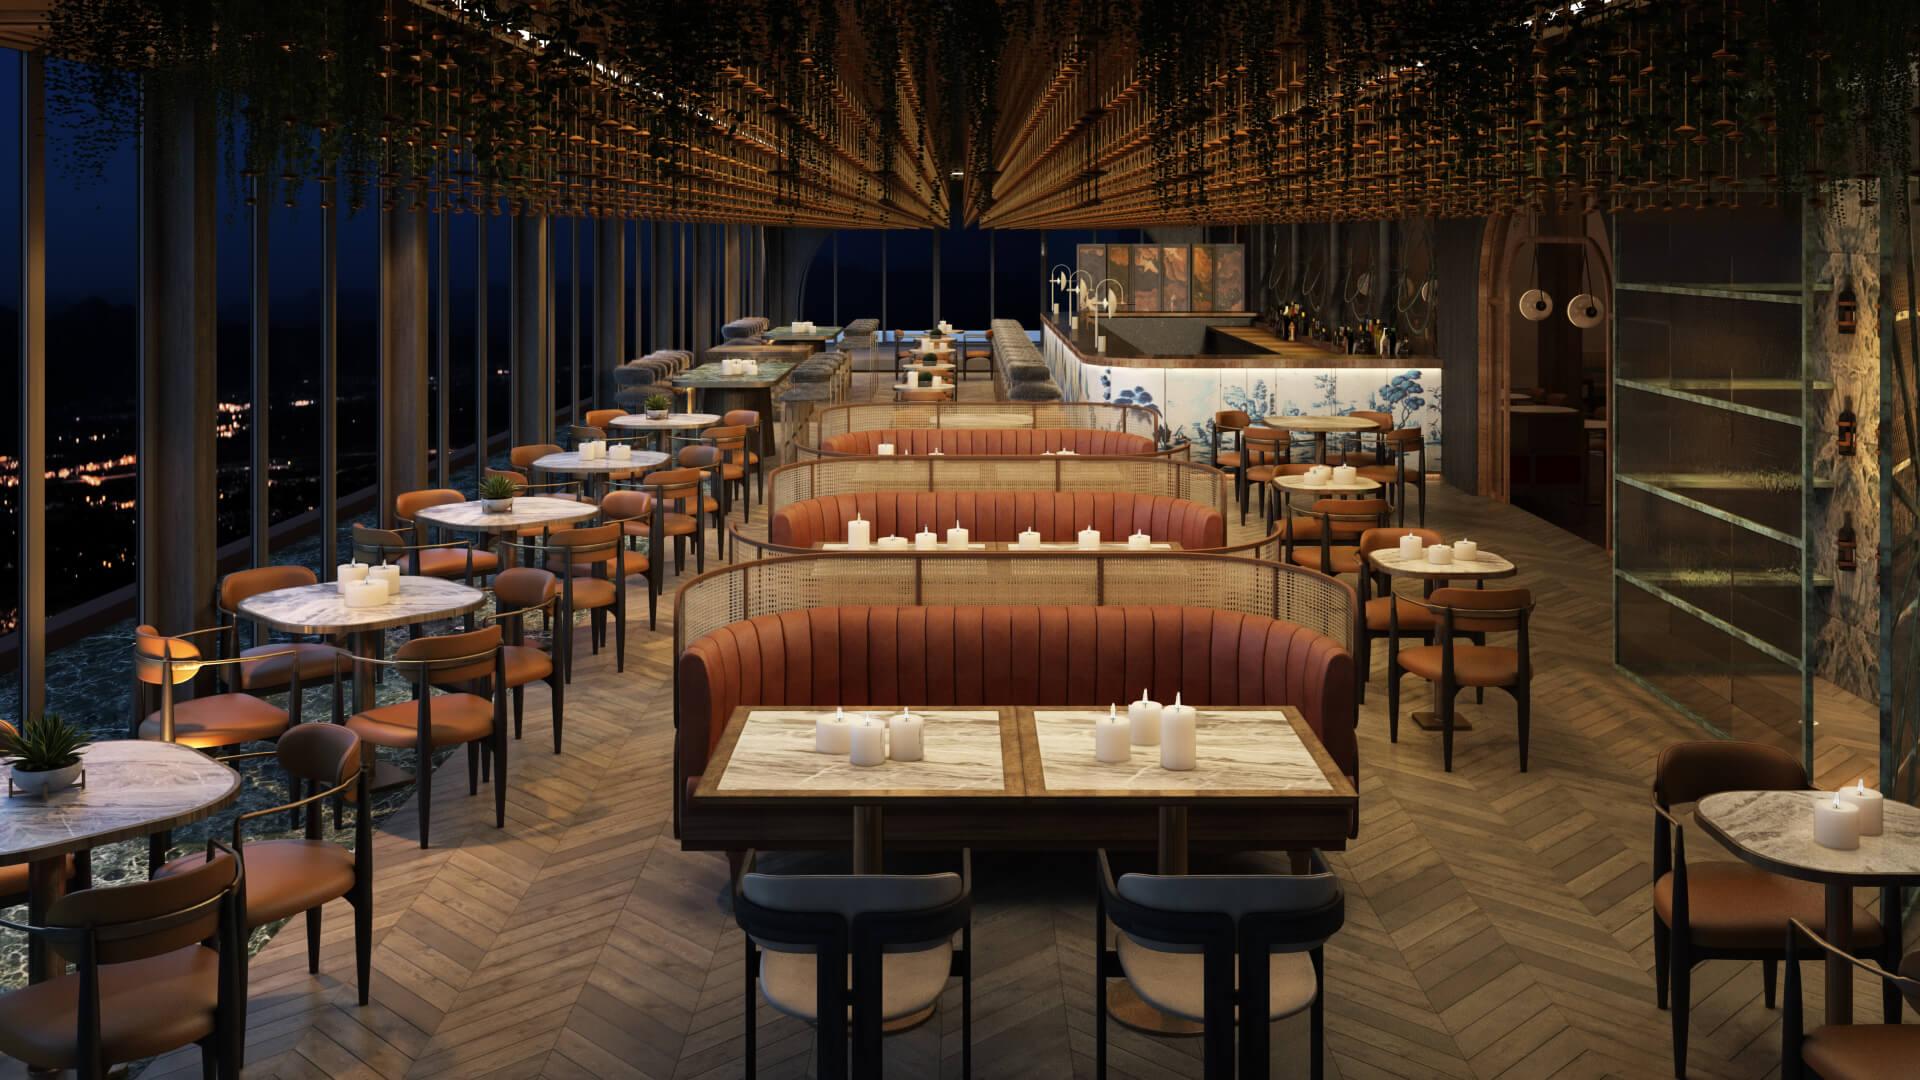 3D Render of a Restaurant Terrace